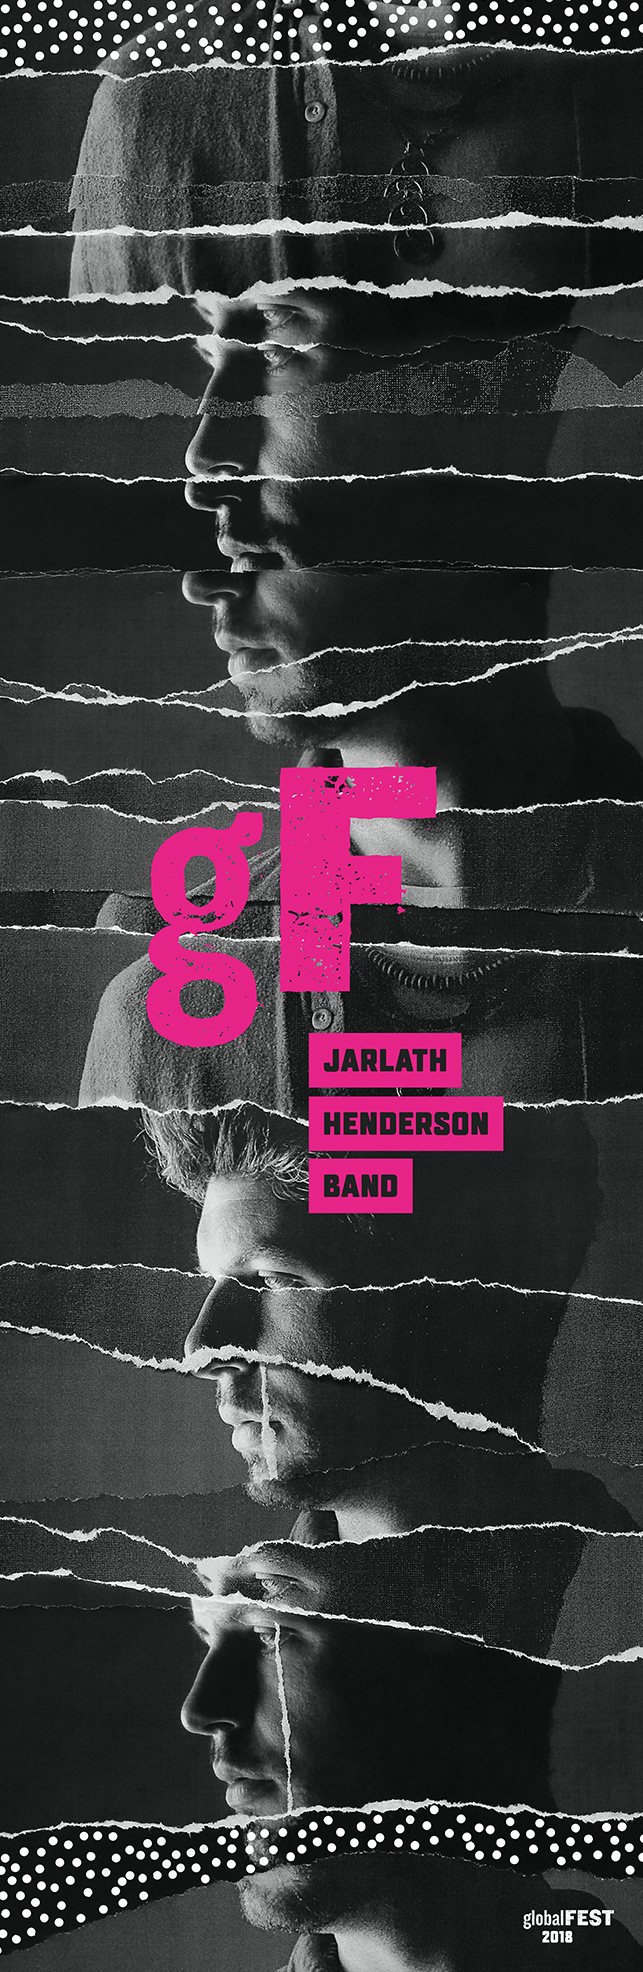 diogomontes_globalfest_artist_posters-jarlath